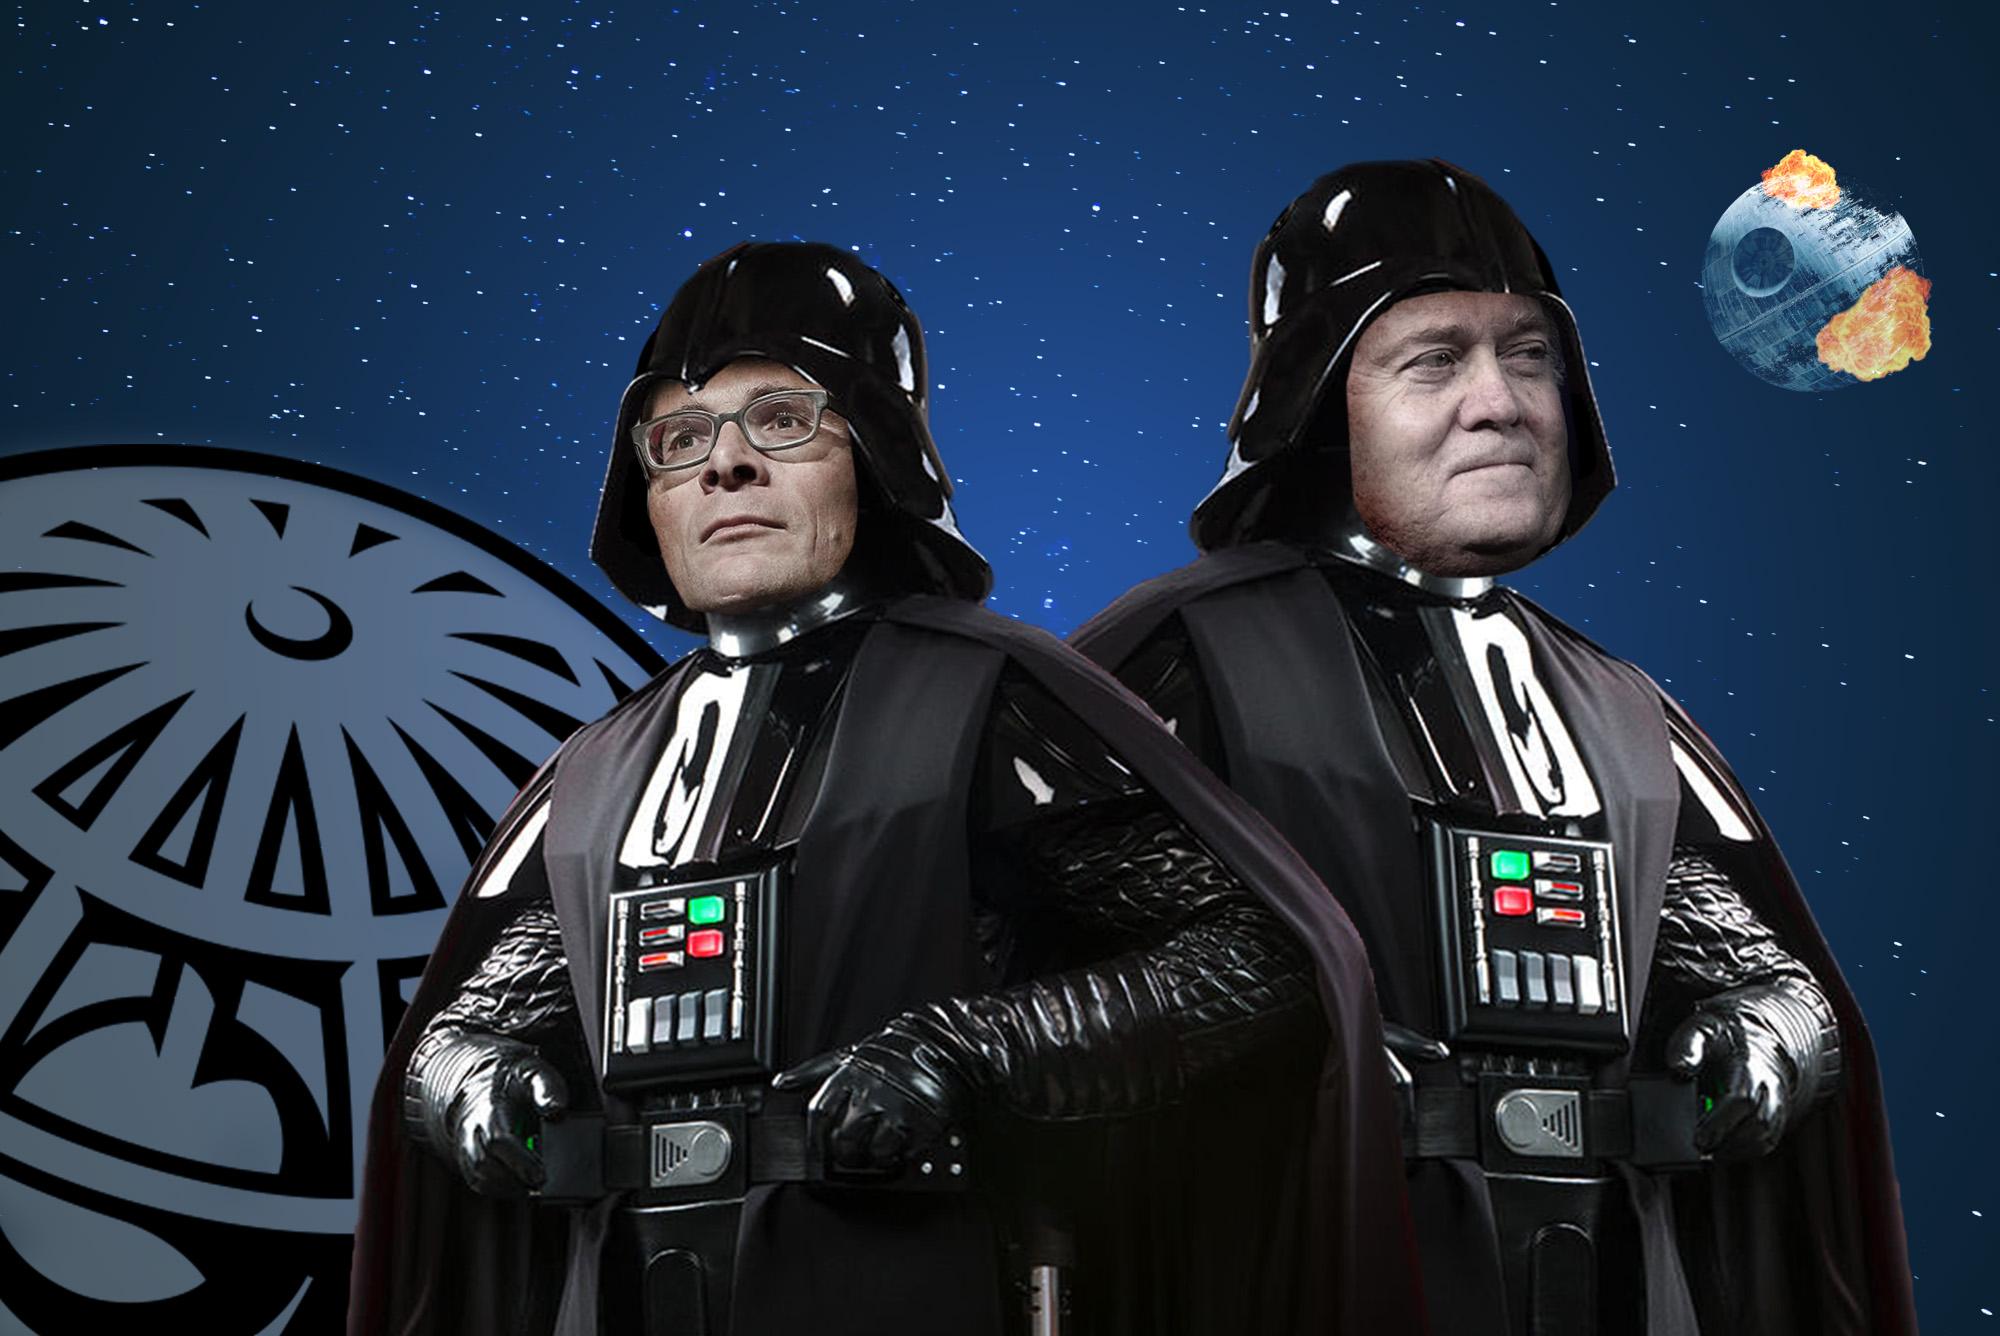 Gleich zwei Darth-Vader-Fans stehen in Zürich-Oerlikon gemeinsam auf der Bühne: Roger Köppel und Steve Bannon.